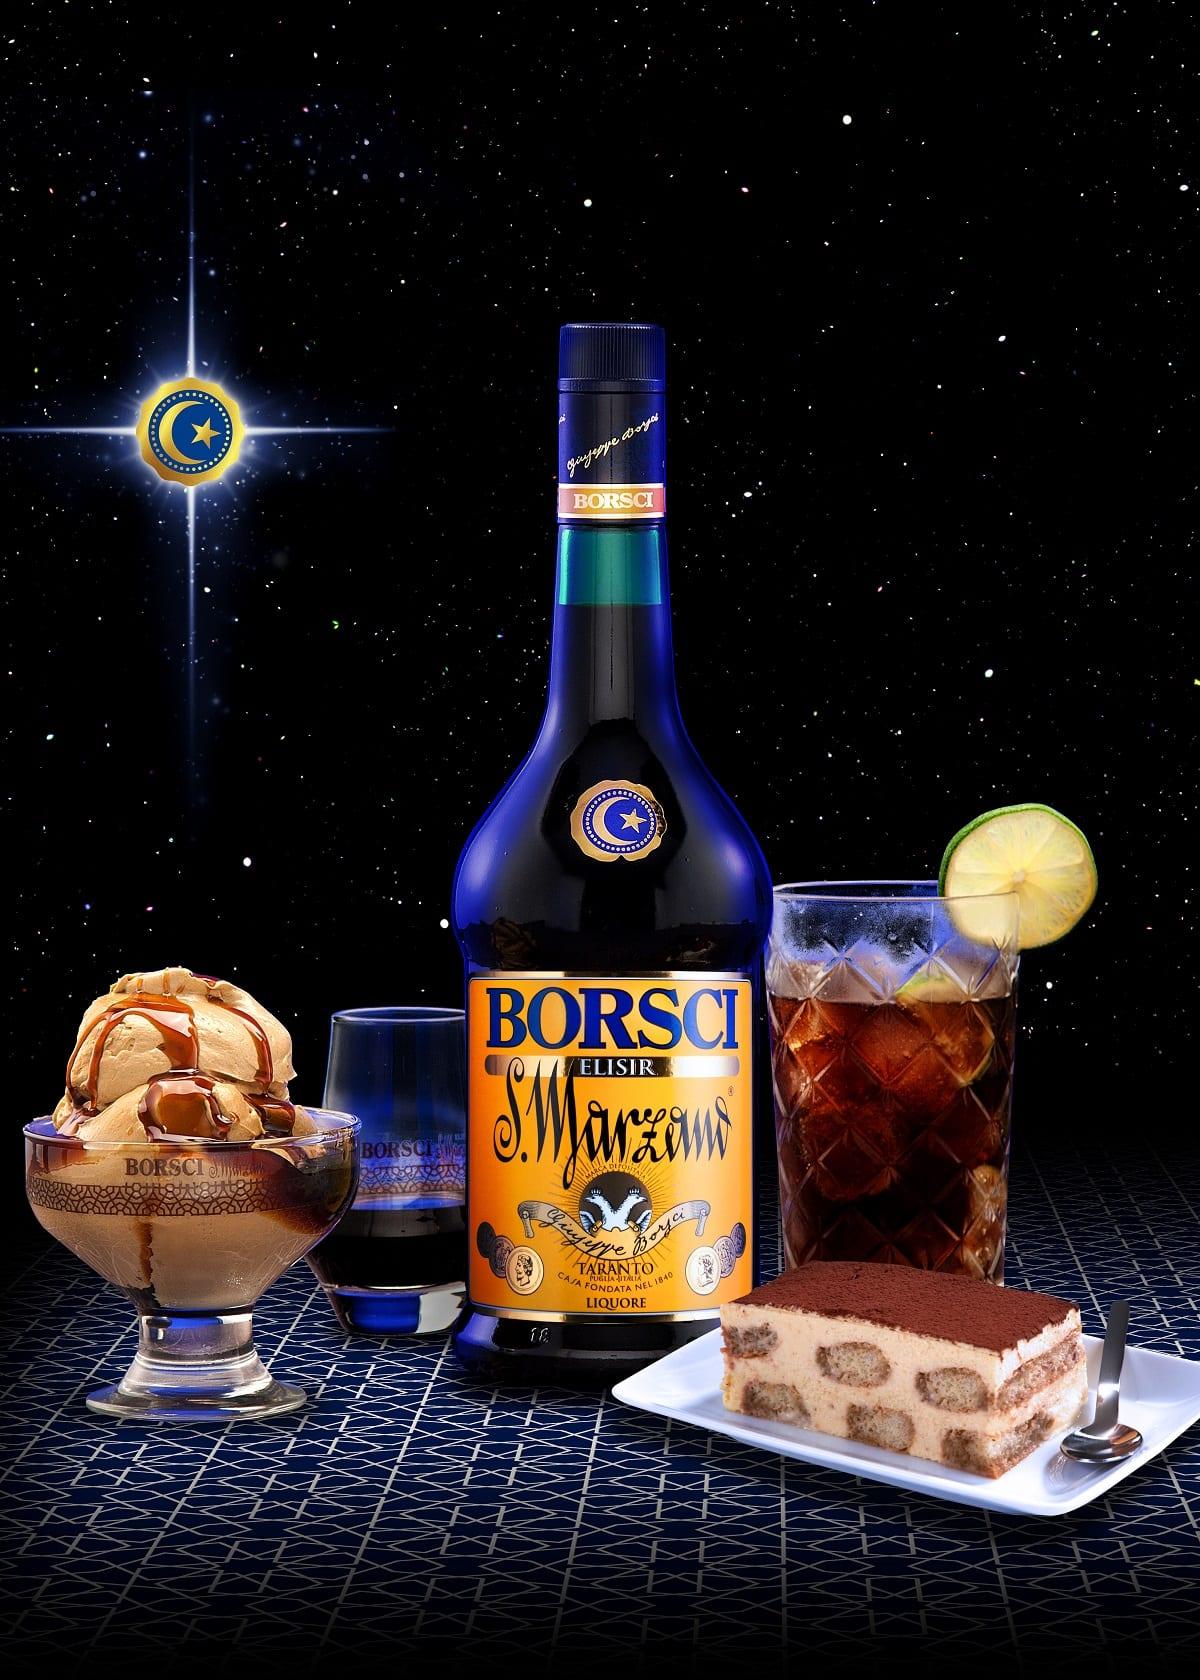 Una bottiglia di elisir Borsci San Marzano